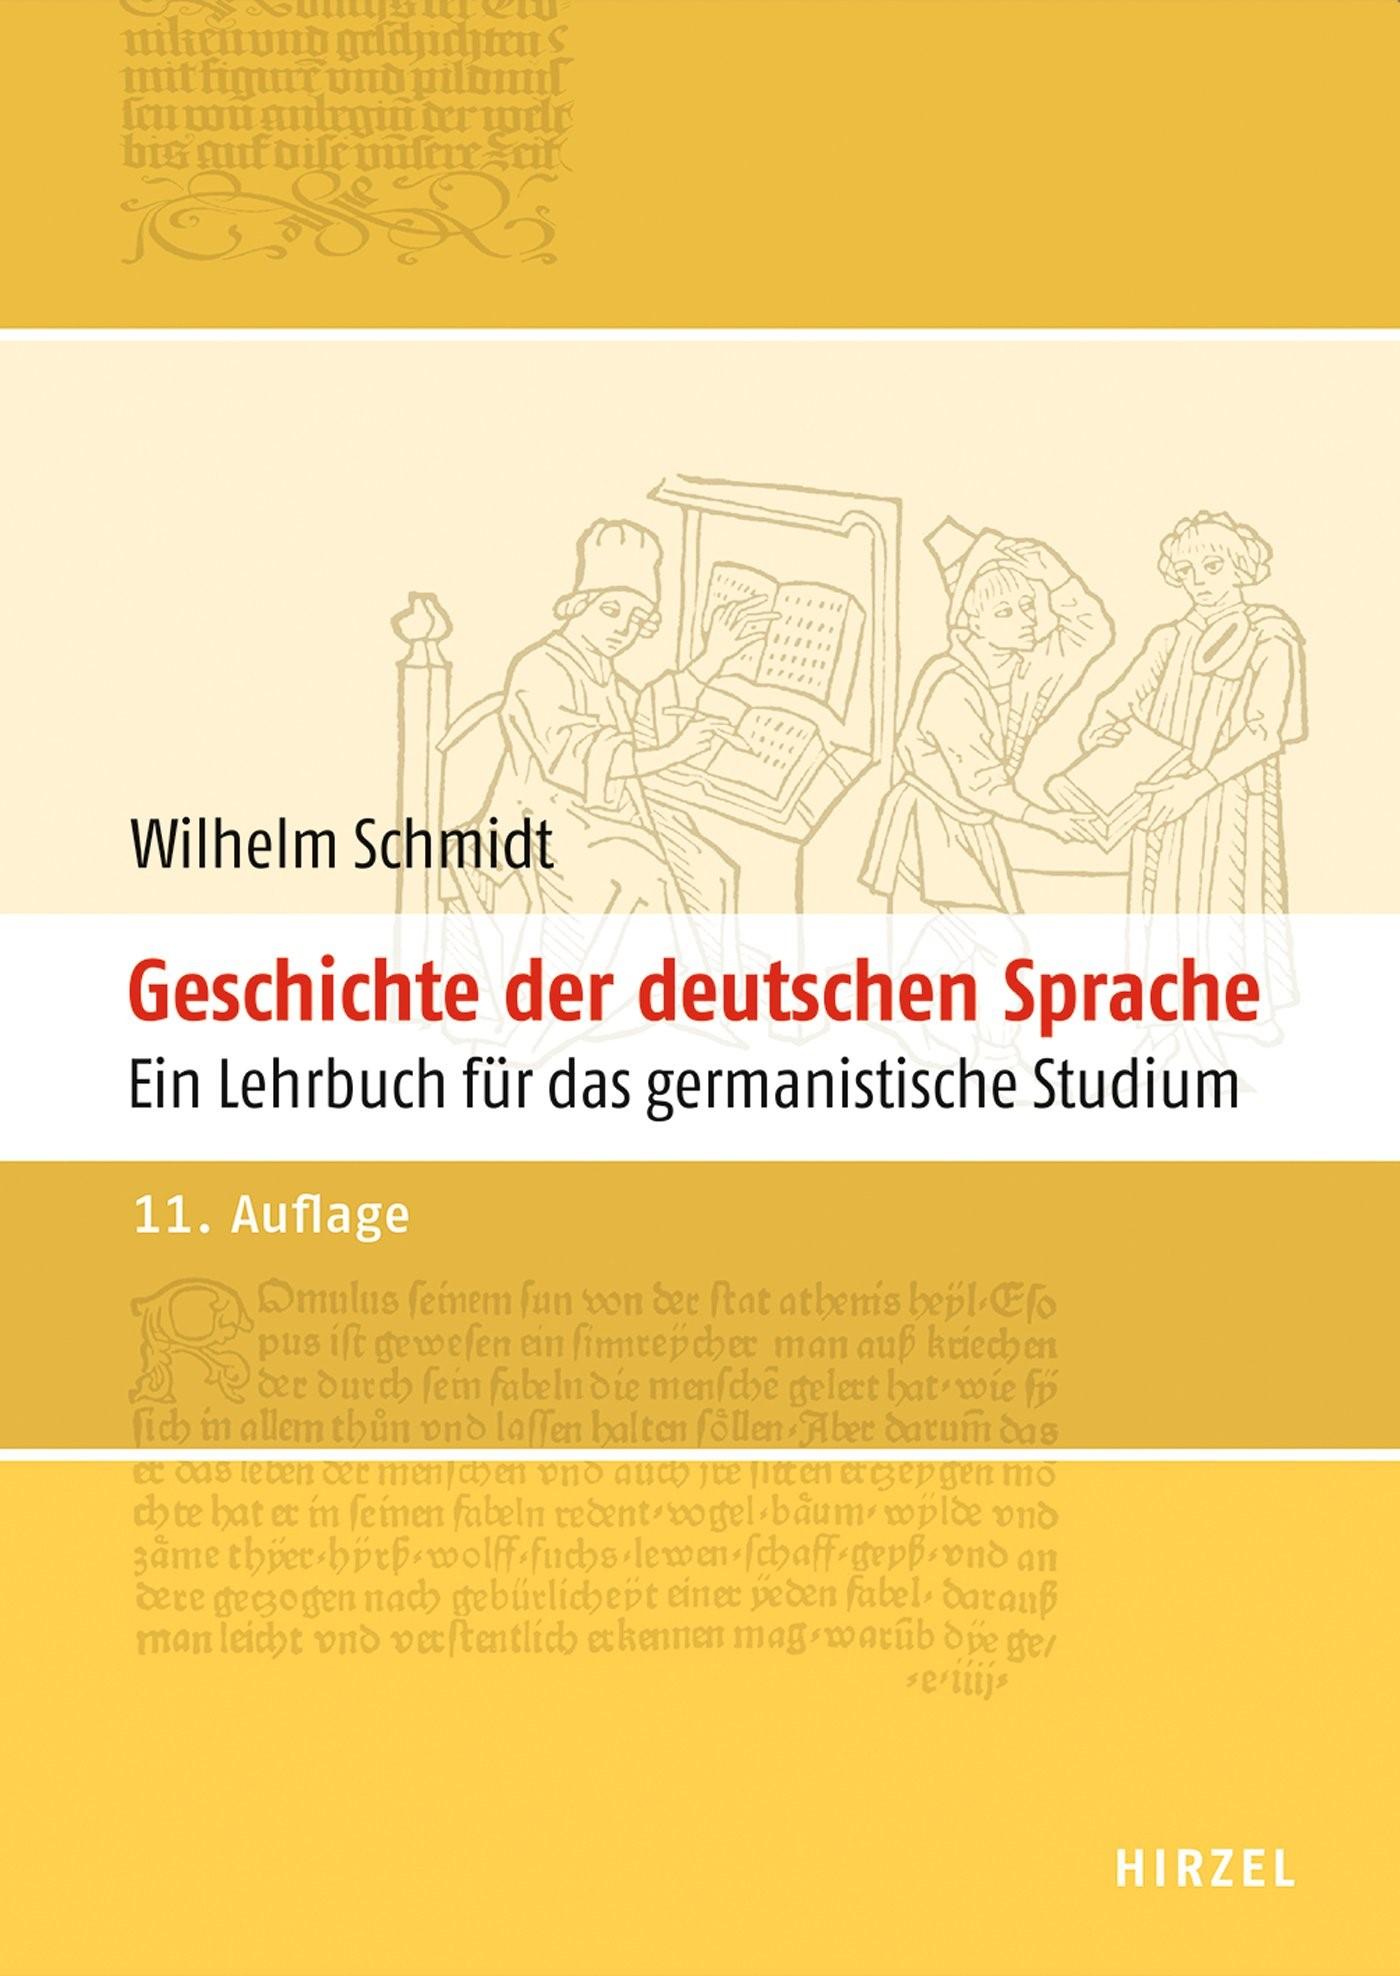 Abbildung von Geschichte der deutschen Sprache | 2013